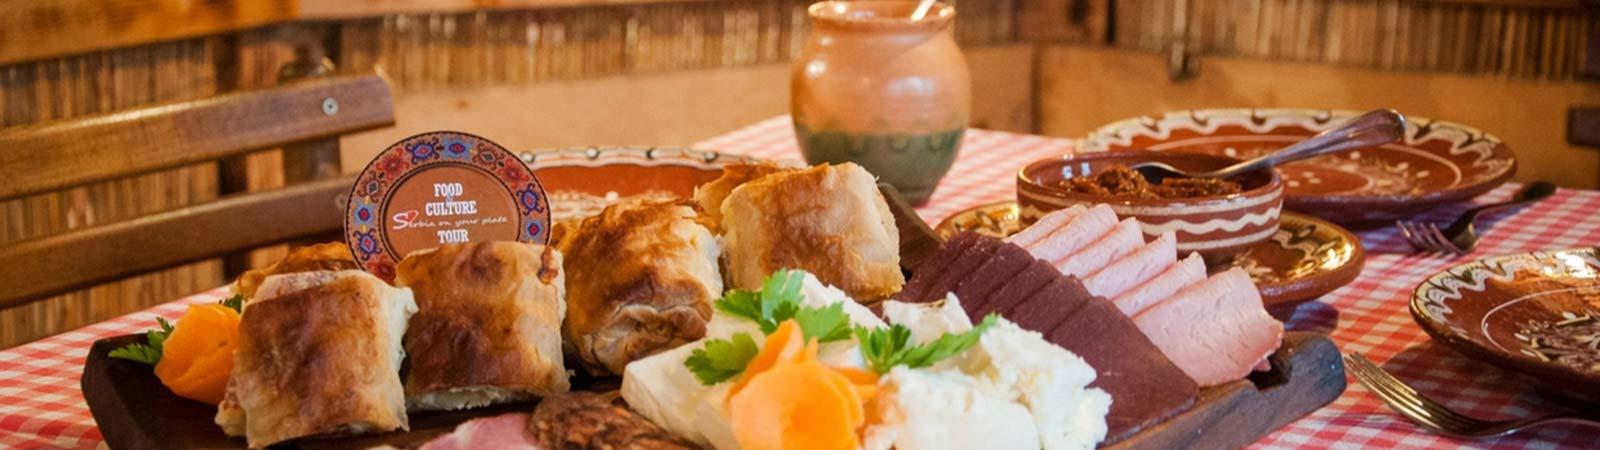 Meze: Serbian Appetizer